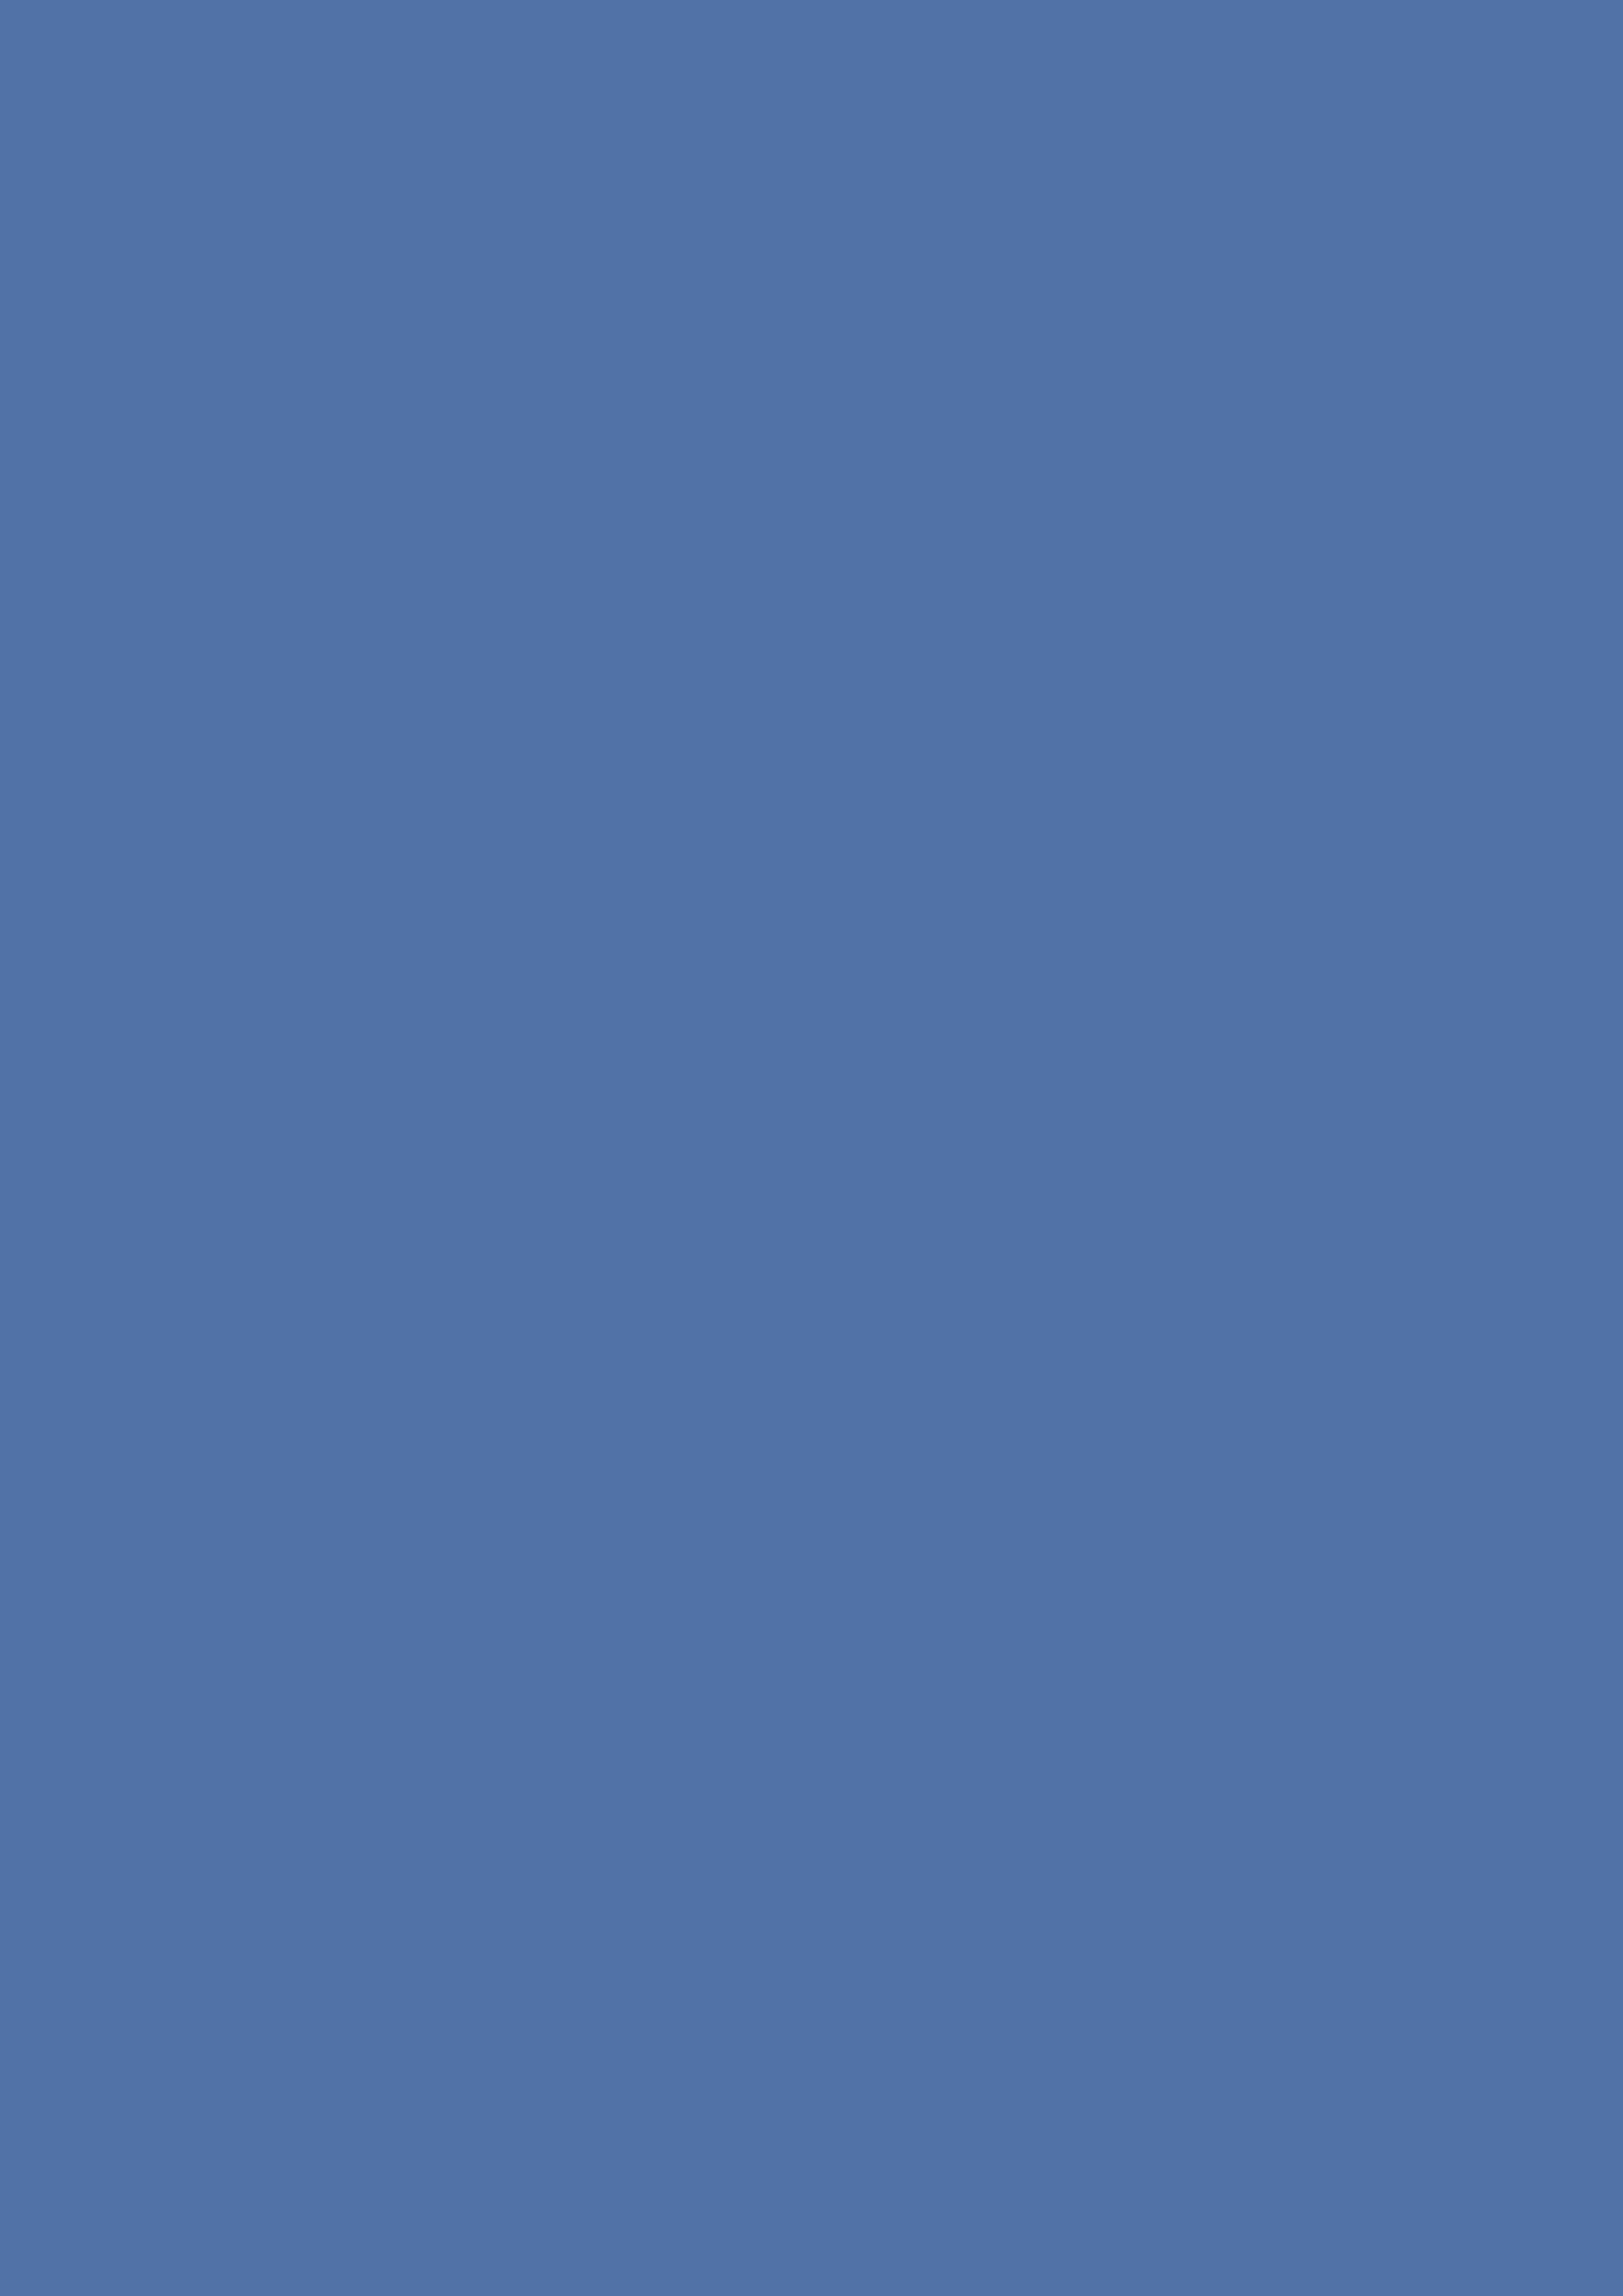 2480x3508 Blue Yonder Solid Color Background